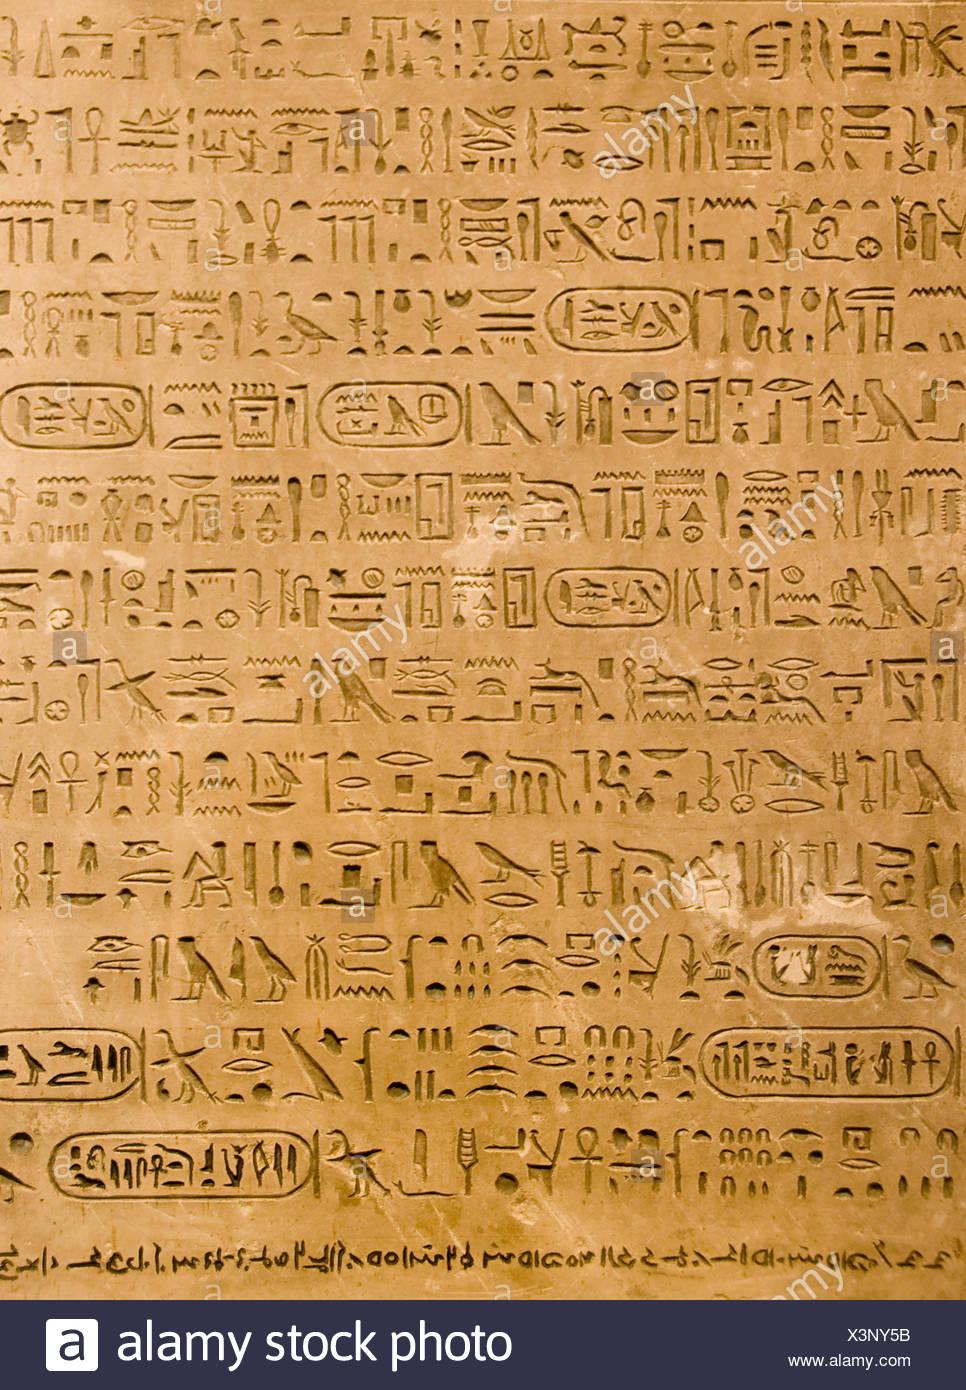 art stone egypt ancient egyptian hieroglyph plate tutankhamun archaelogy egyptology pharaon - Stock Image